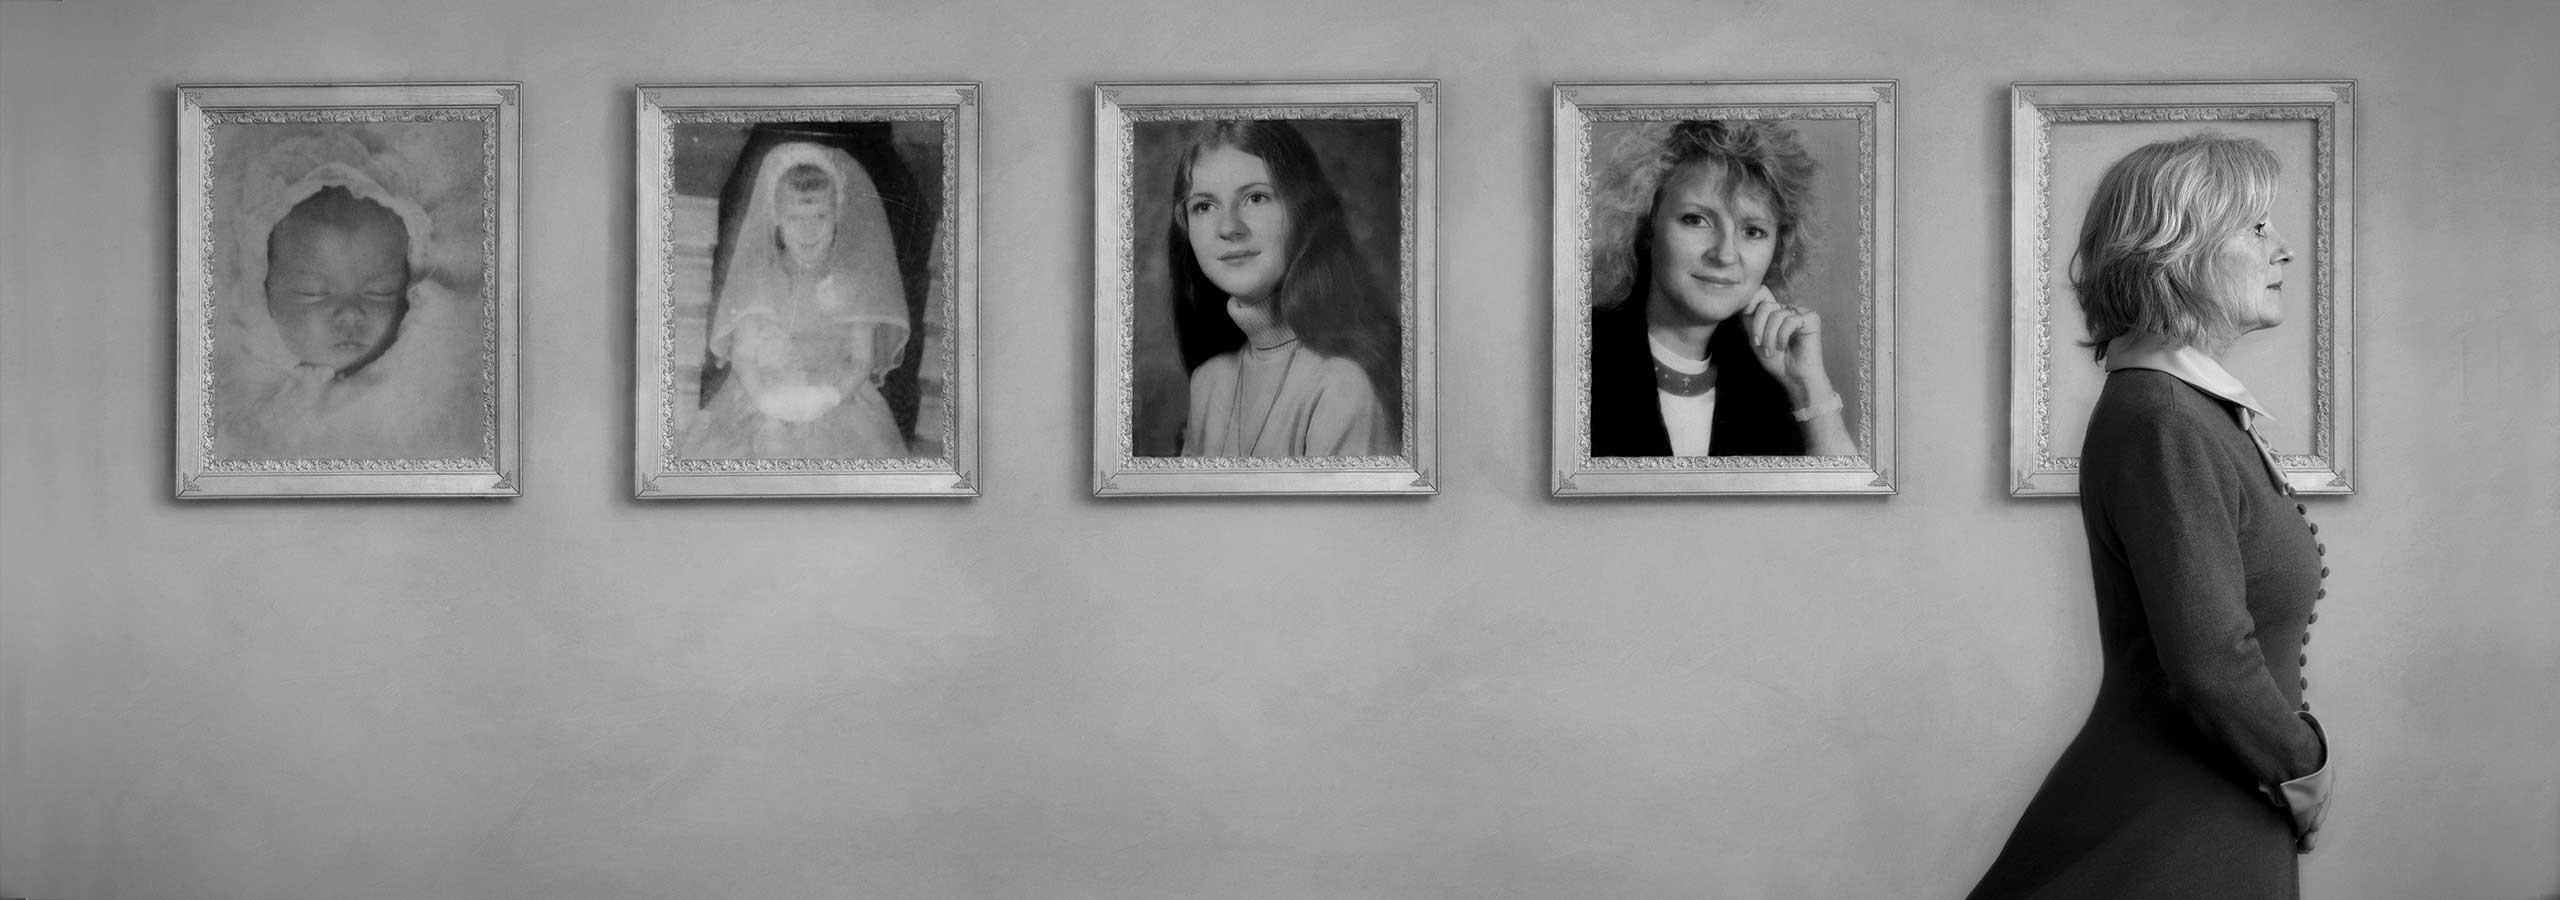 The Last Frame by Jamie Bard-Dubé MPA